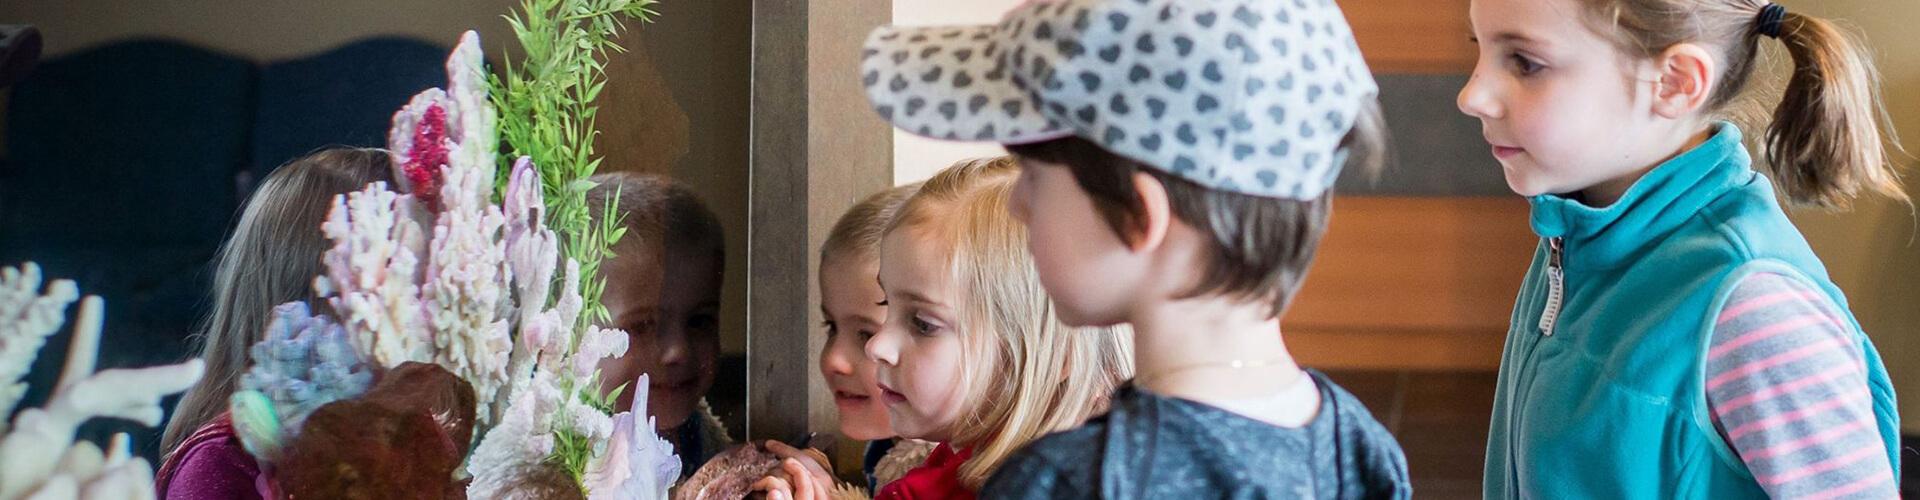 Children in Dental Office Lobby in Seattle